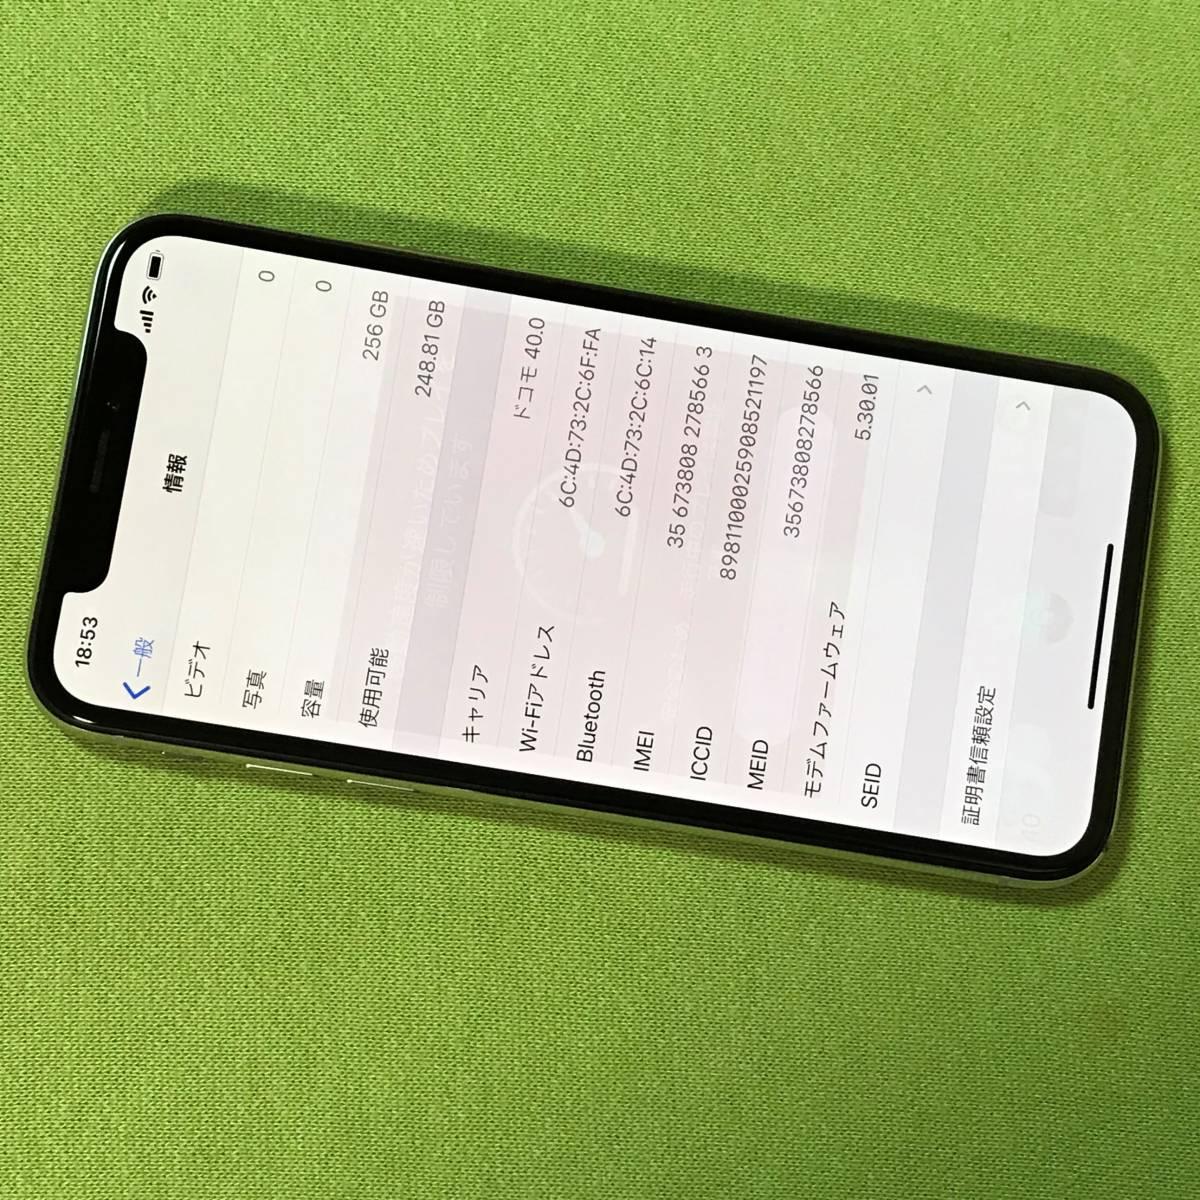 SIMフリー iPhone X シルバー 256GB MQC22J/A docomo 格安SIM MVNO 海外利用可能 アクティベーションロック解除済